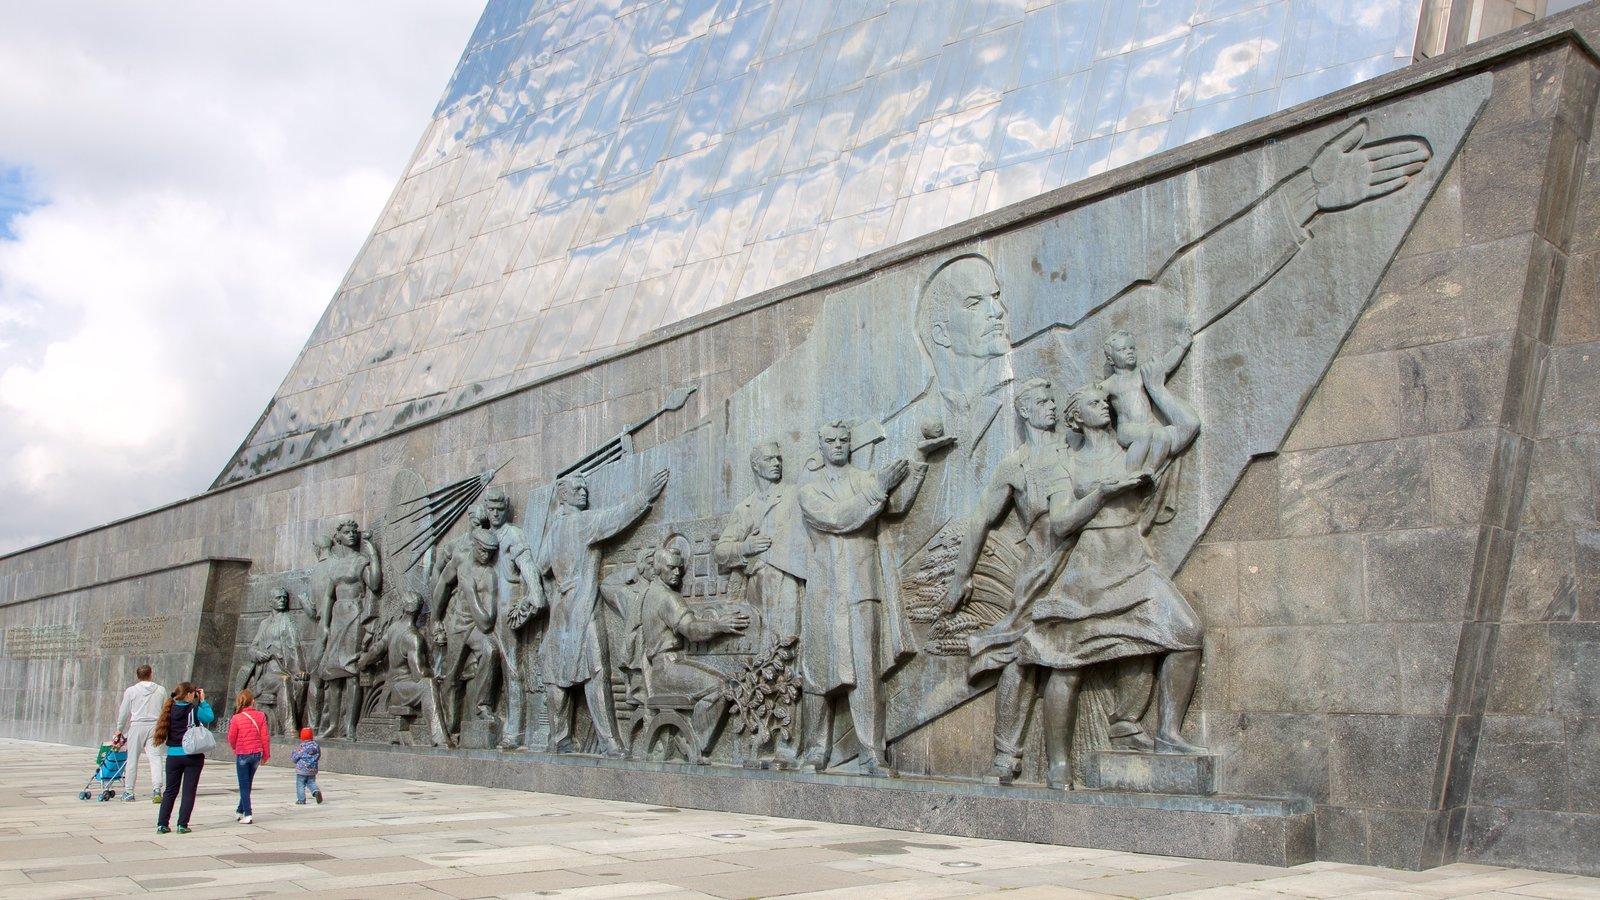 Moscou caracterizando arte ao ar livre e um monumento